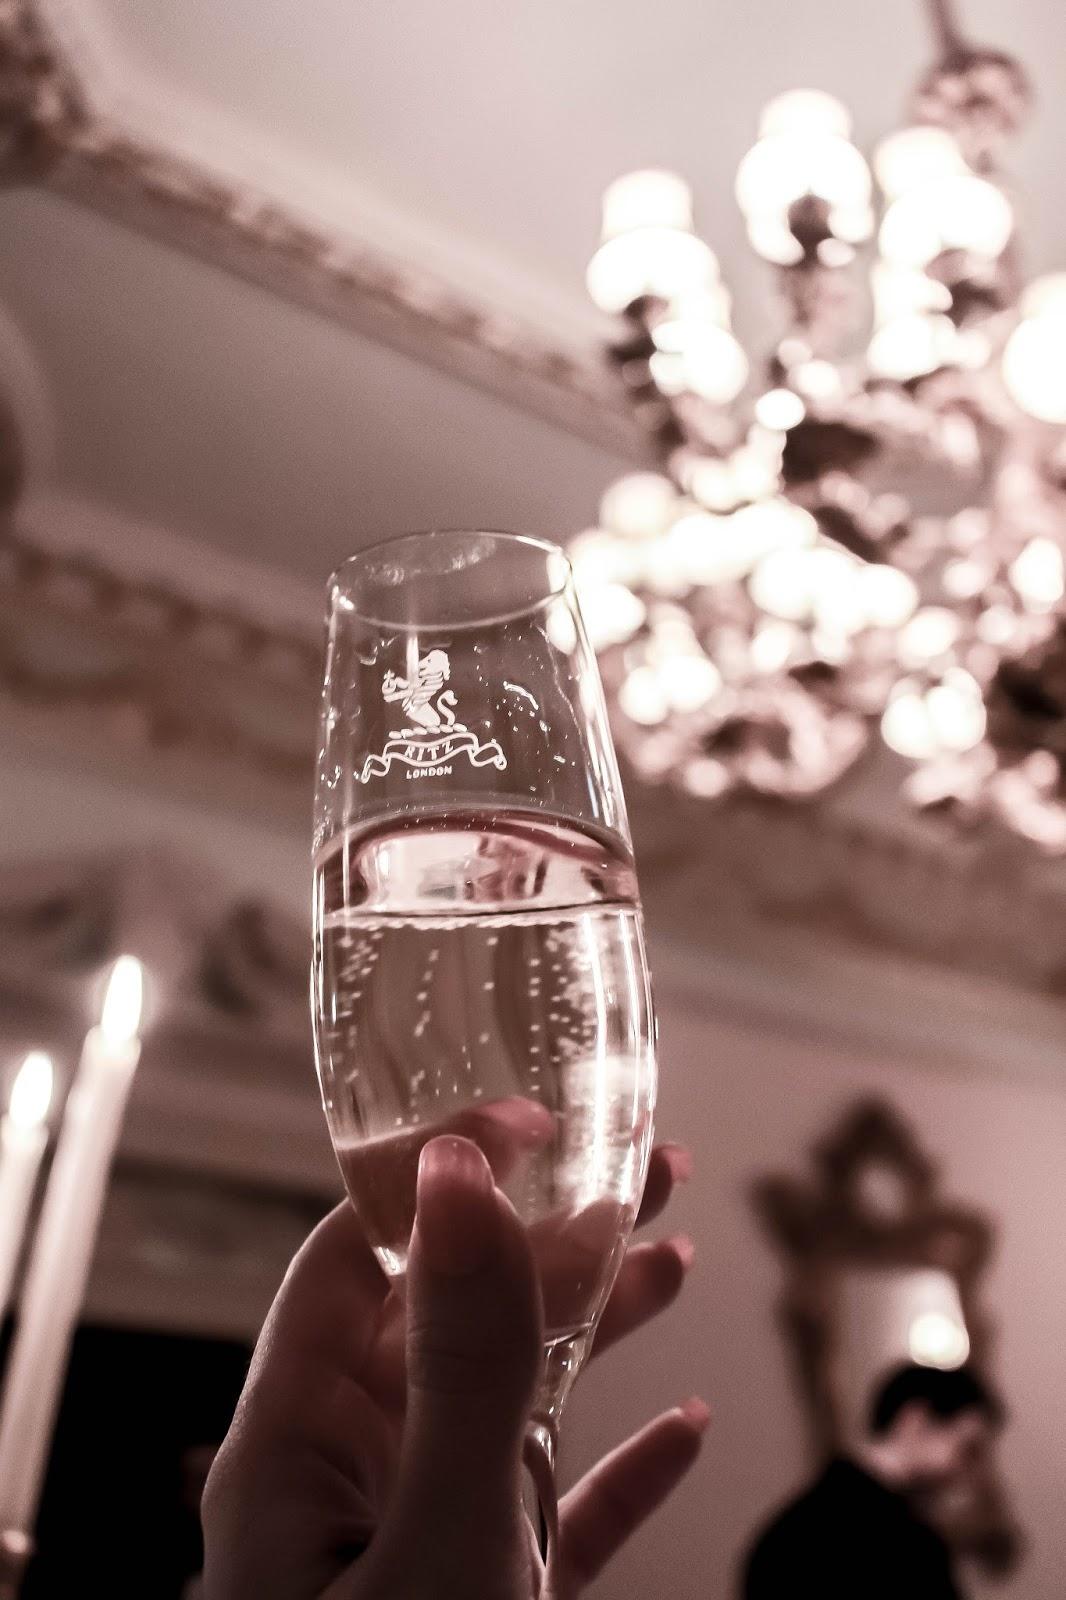 Champagne Barons de Rothschild Reservé Ritz Glass